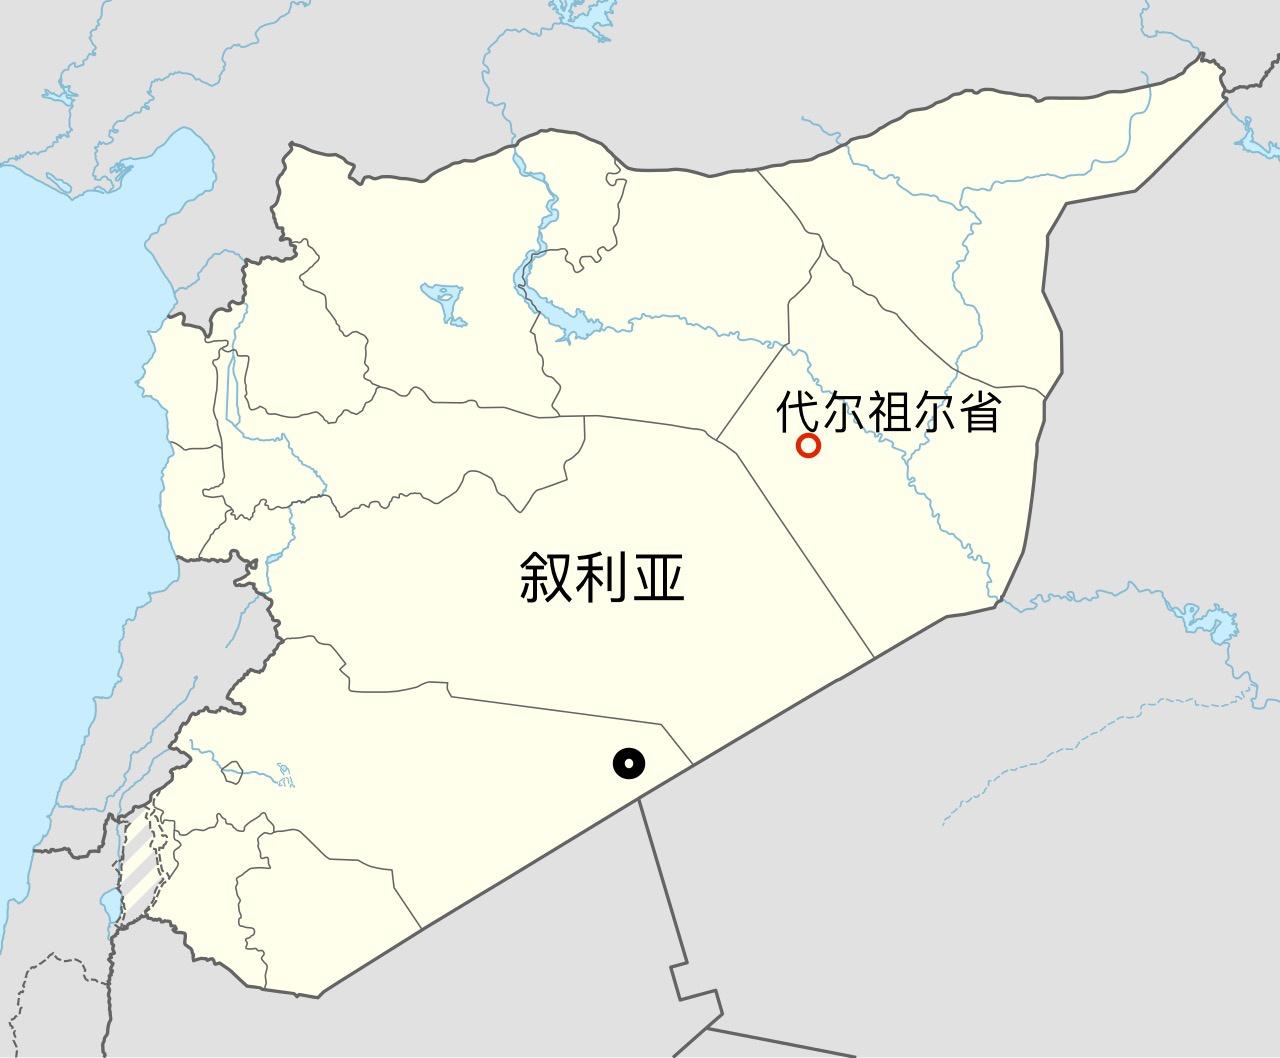 3死10伤 叙利亚东南部一巴士遭恐怖袭击